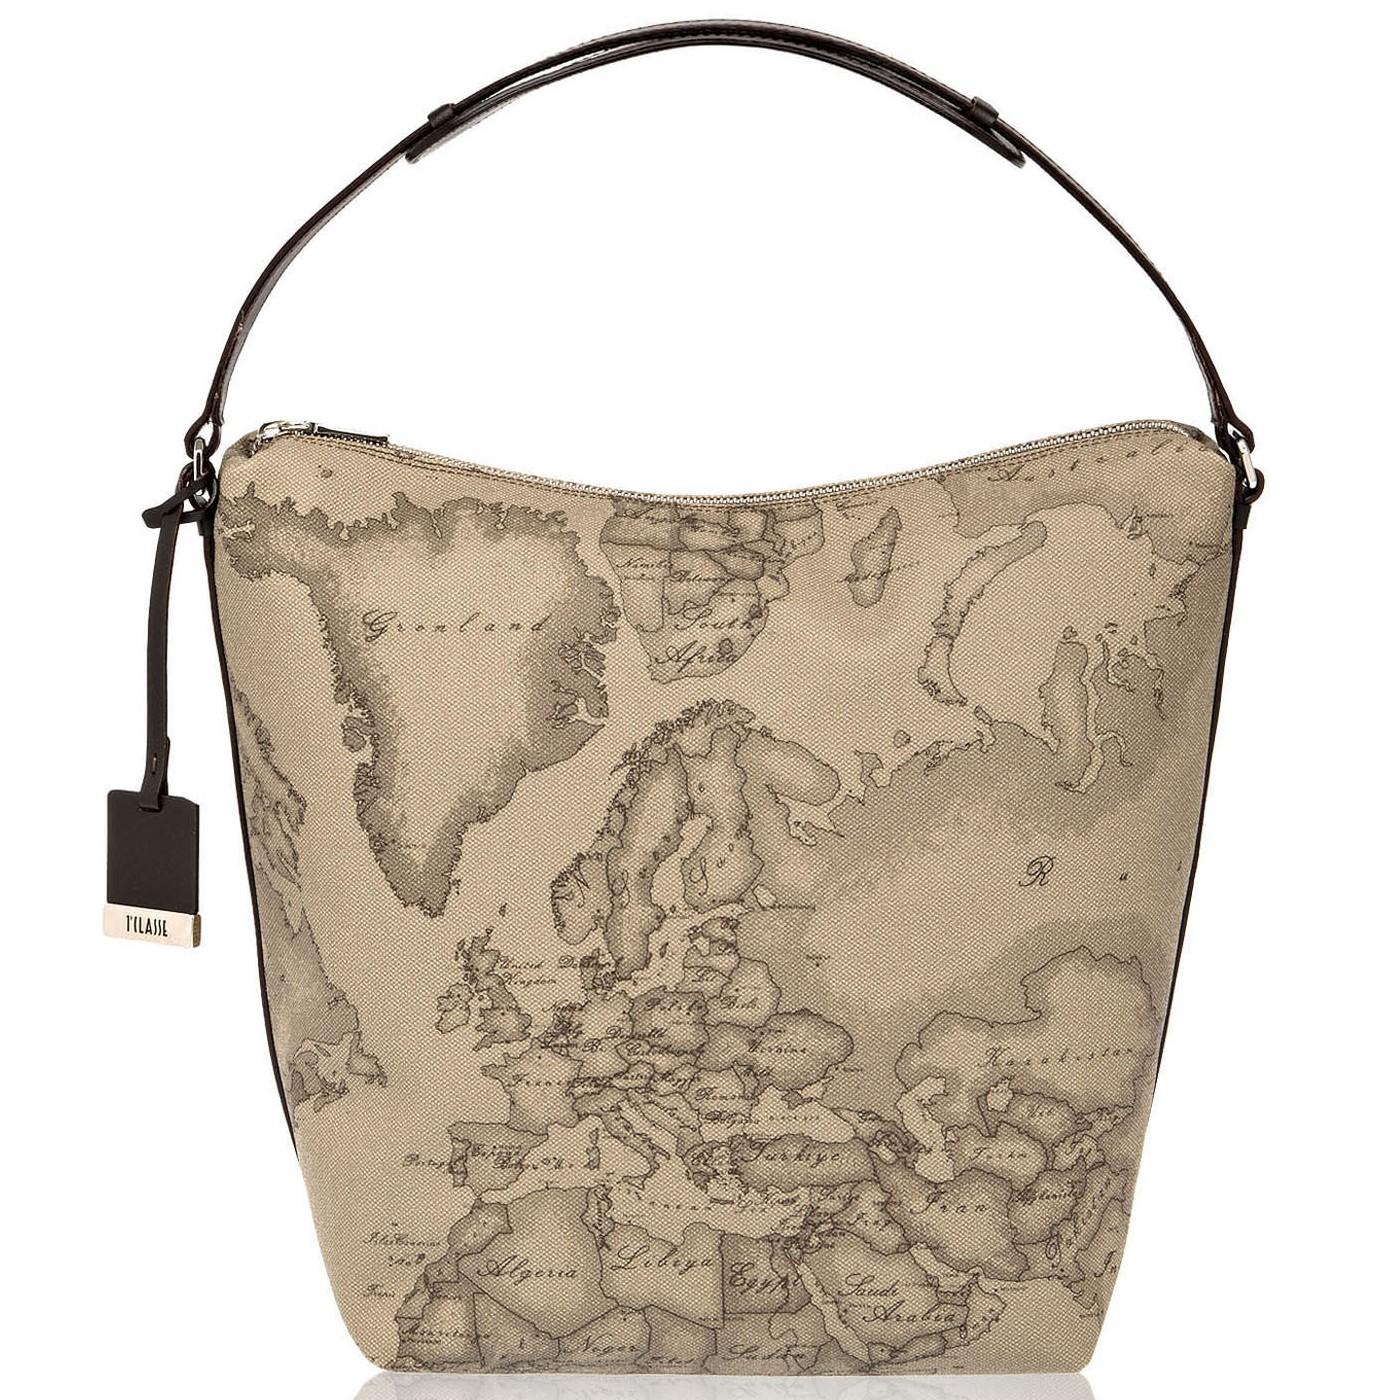 ALVIERO MARTINI Medium Shoulder bag in Geo print TAUPE